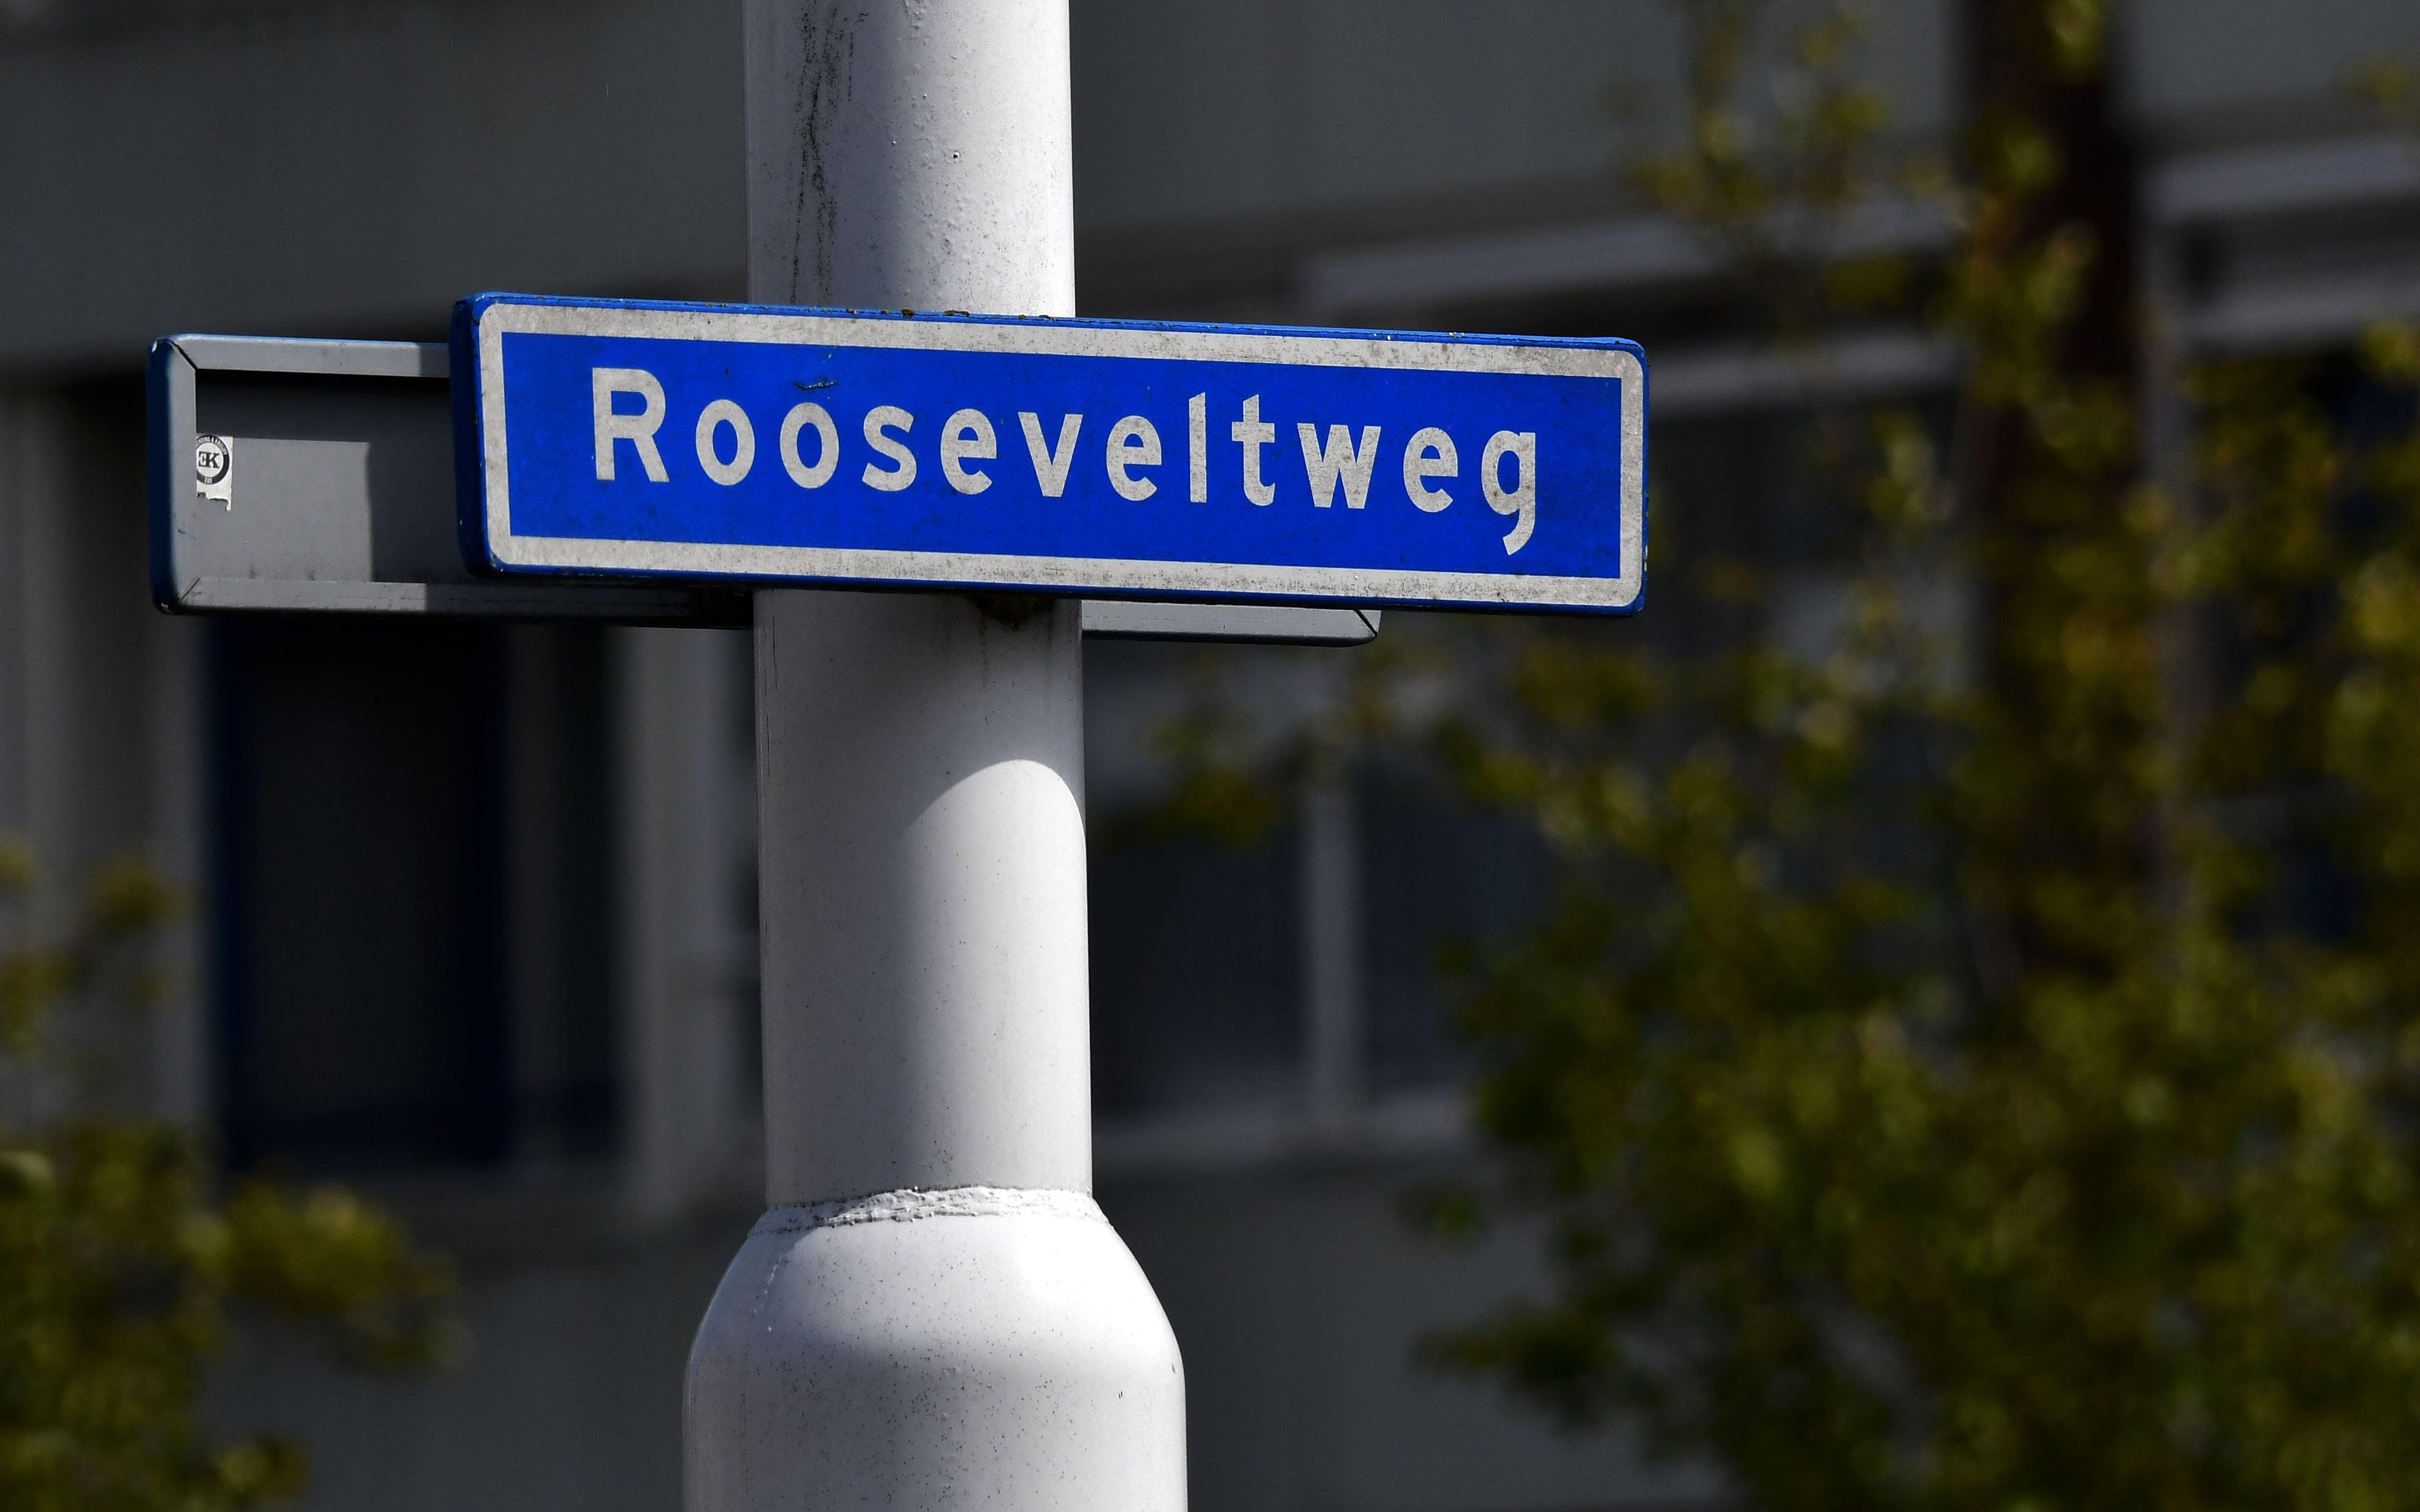 De Rooseveltweg in Wageningen, die op 13 mei 1968 genoemd is naar Franklin Delano Roosevelt 1882-1945 32e president Verenigde Staten van Amerika 1933-1945. - Foto: ©Louis Fraanje